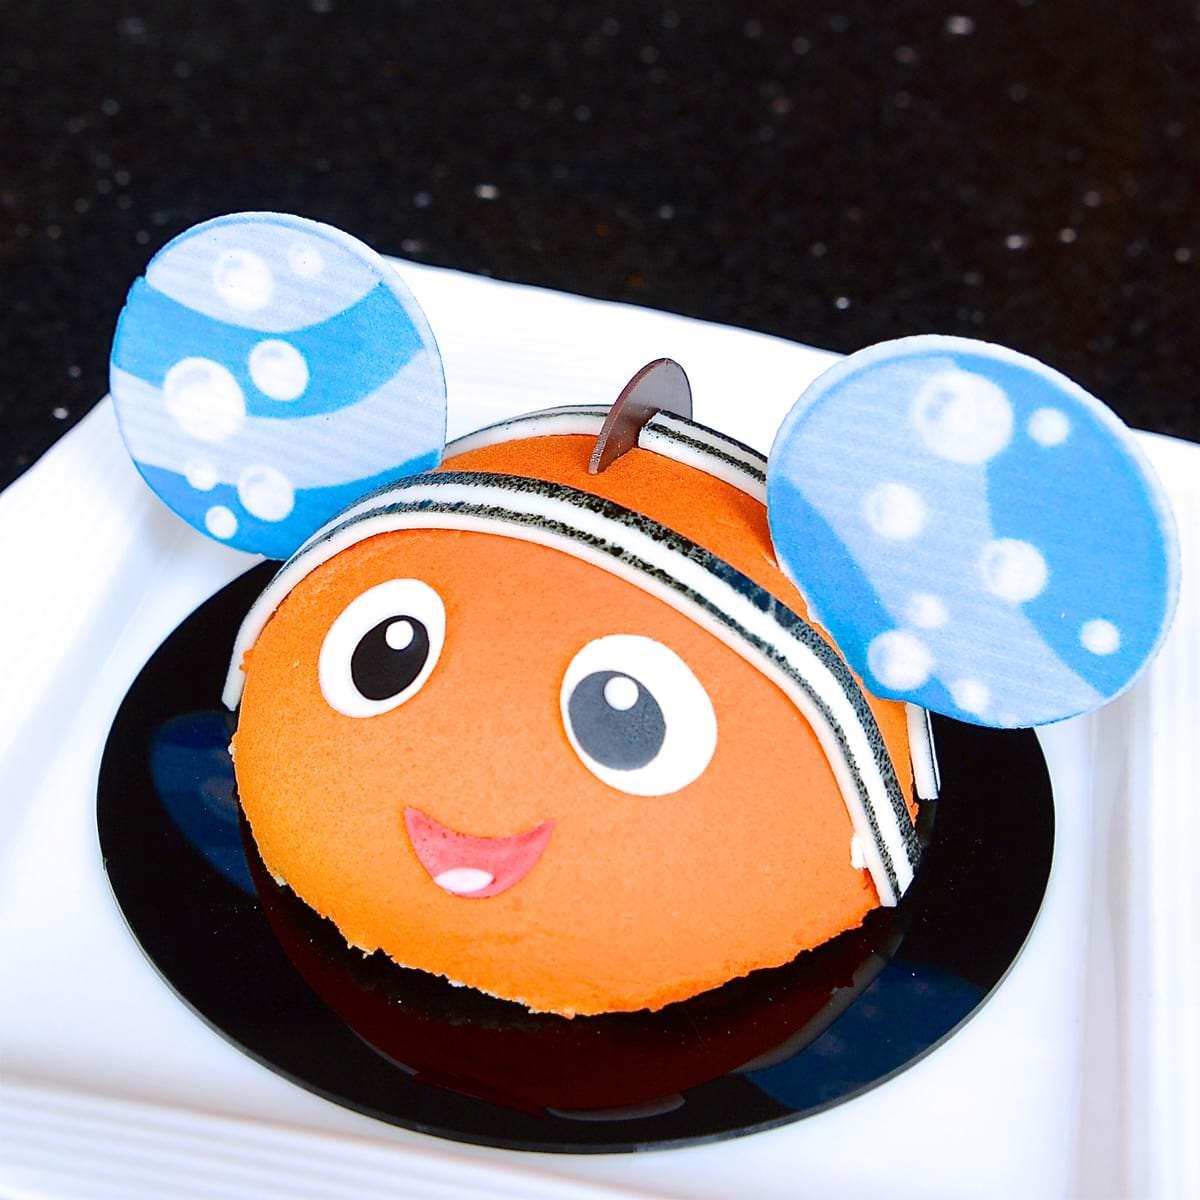 ニモ ケーキ2